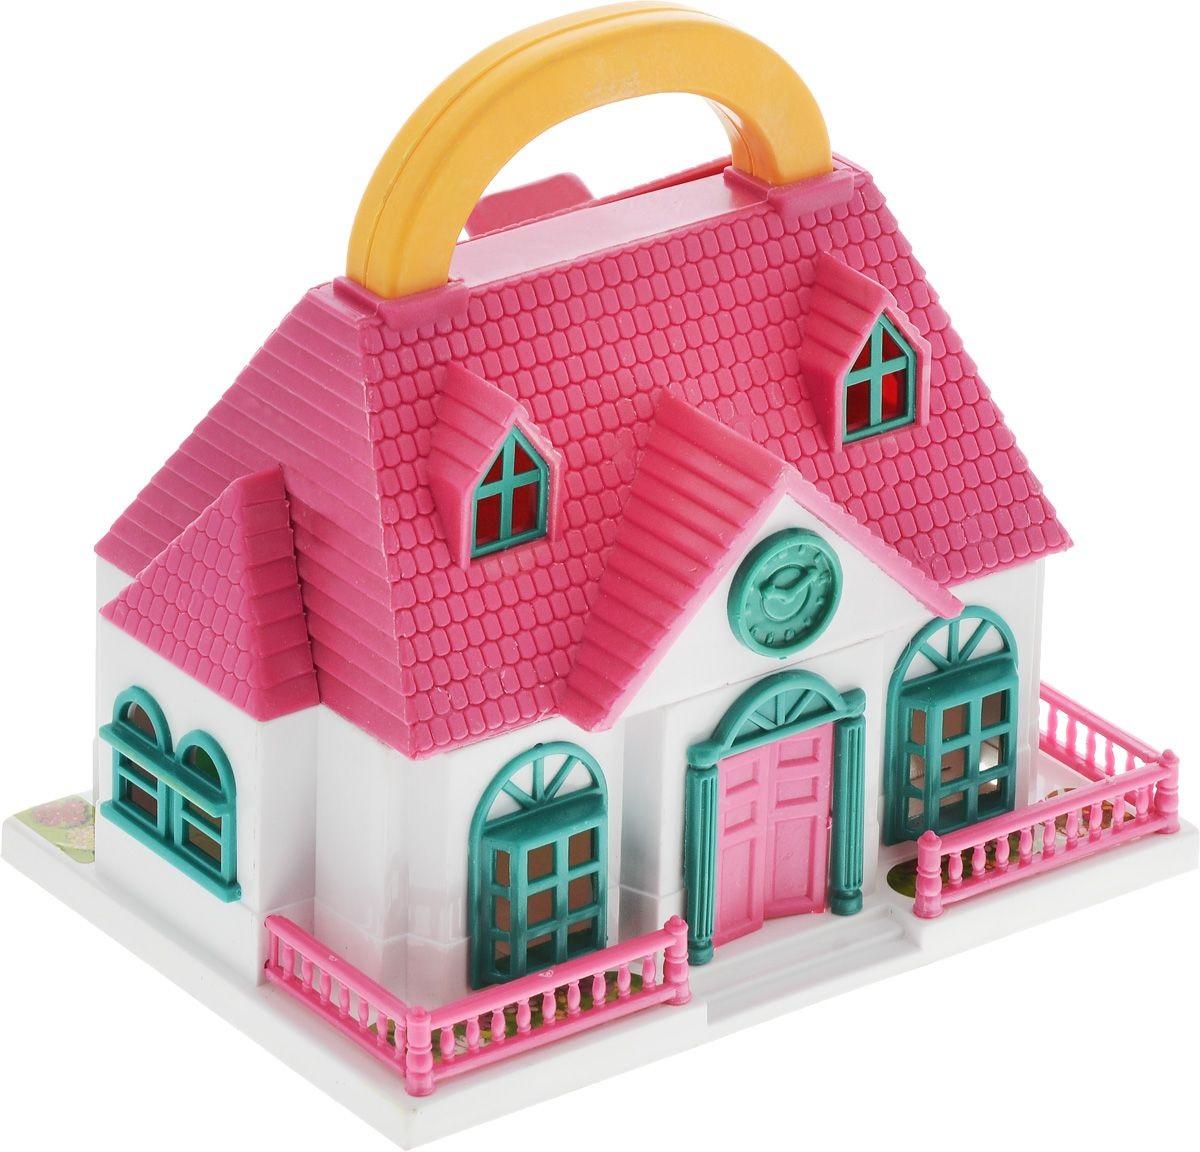 Игровой домик серии В гостях у куклыКукольные домики<br>Игровой домик серии В гостях у куклы<br>